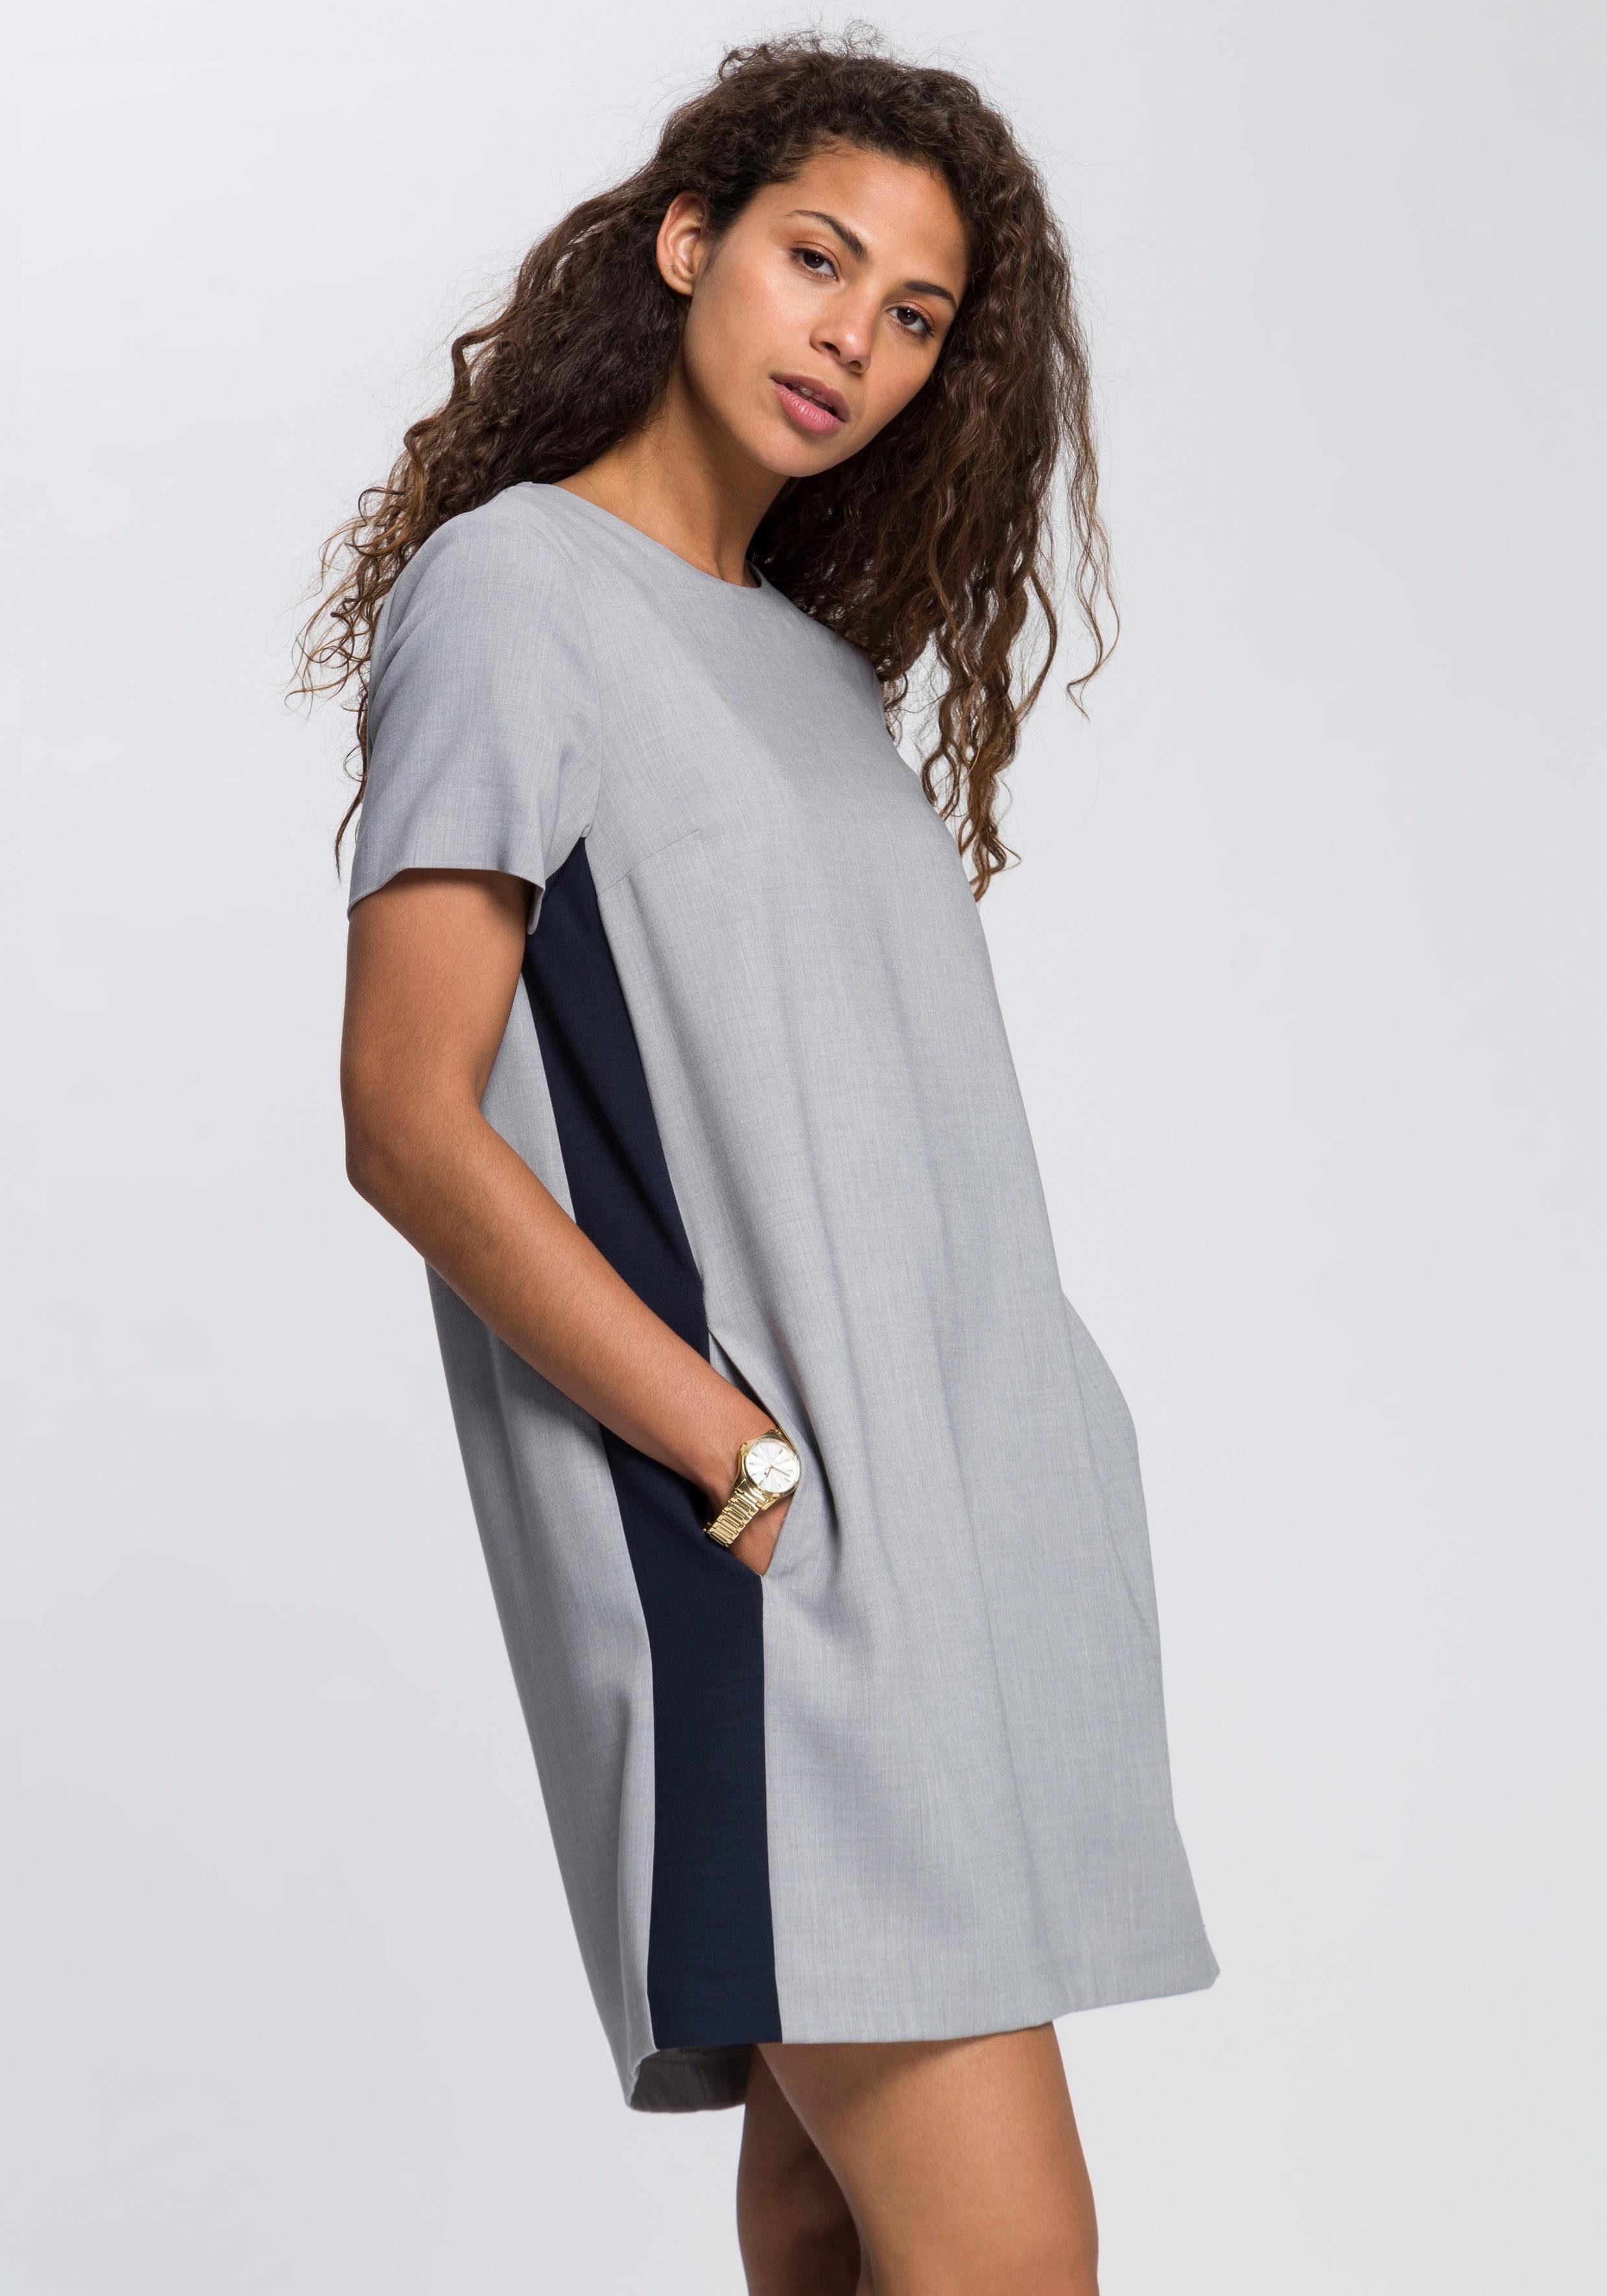 TOMMY HILFIGER Blusenkleid »Anita« mit trendy Galonstreifen an der Seite